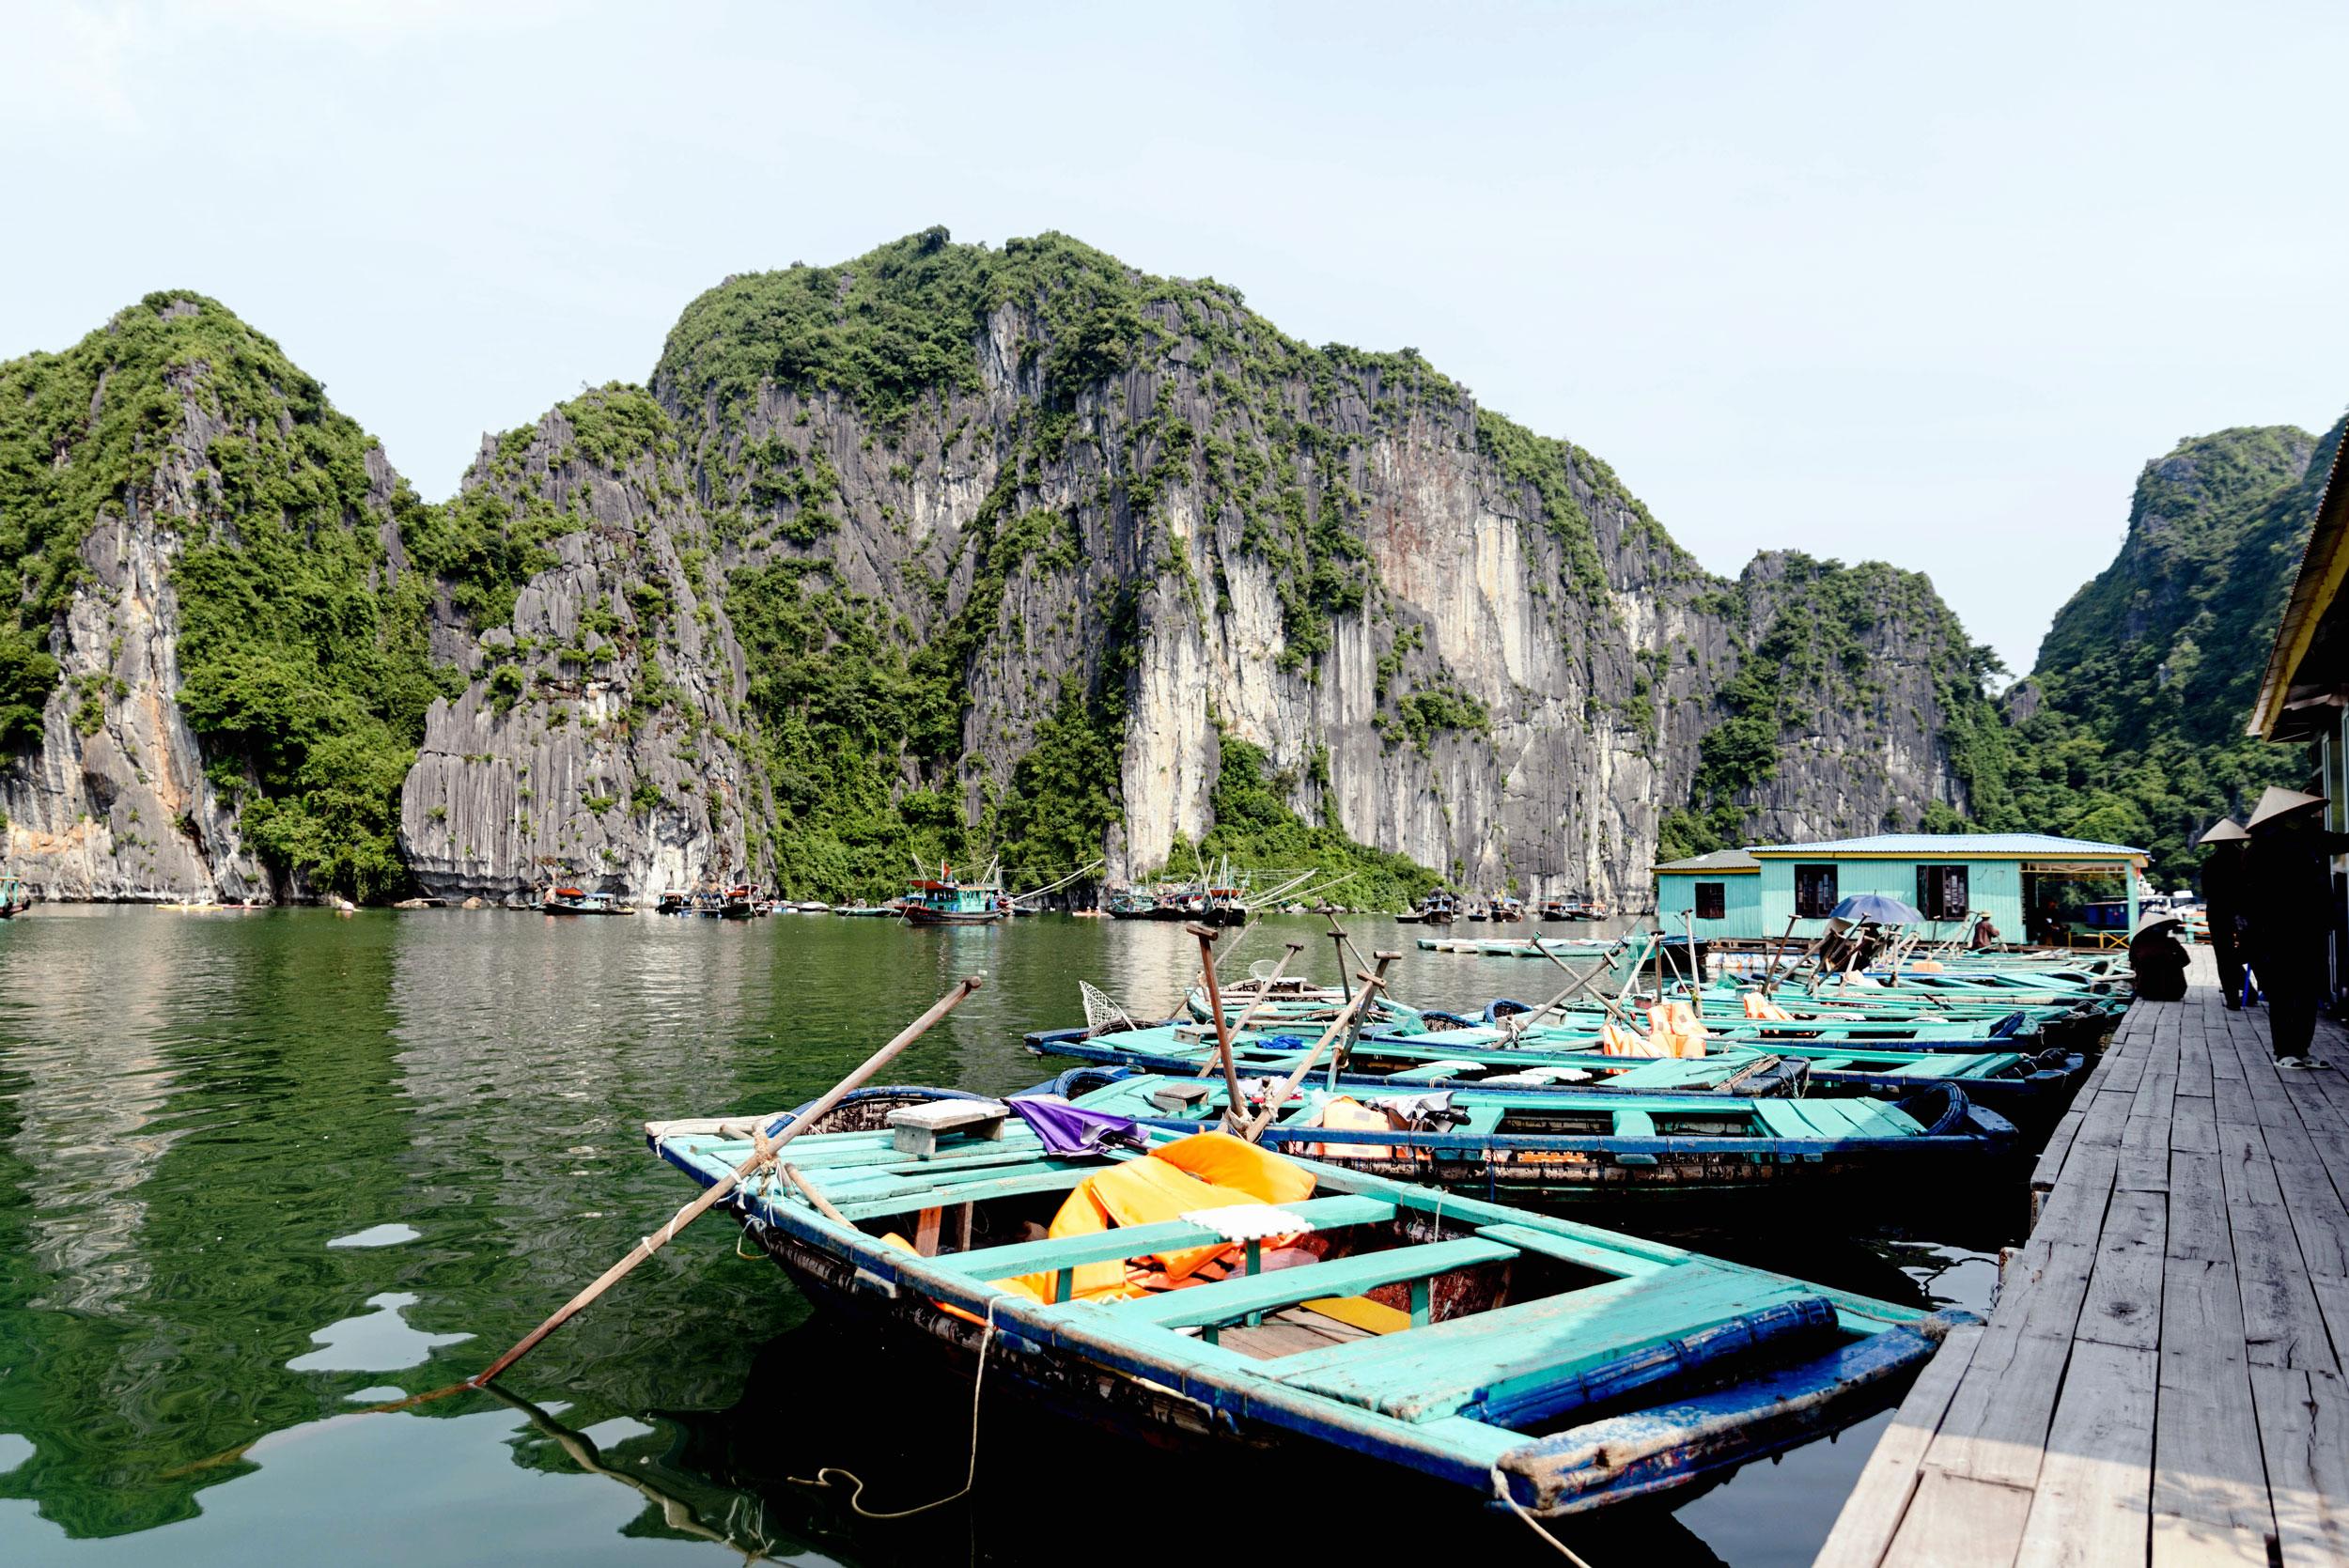 Row boats to explore Ha Long Bay